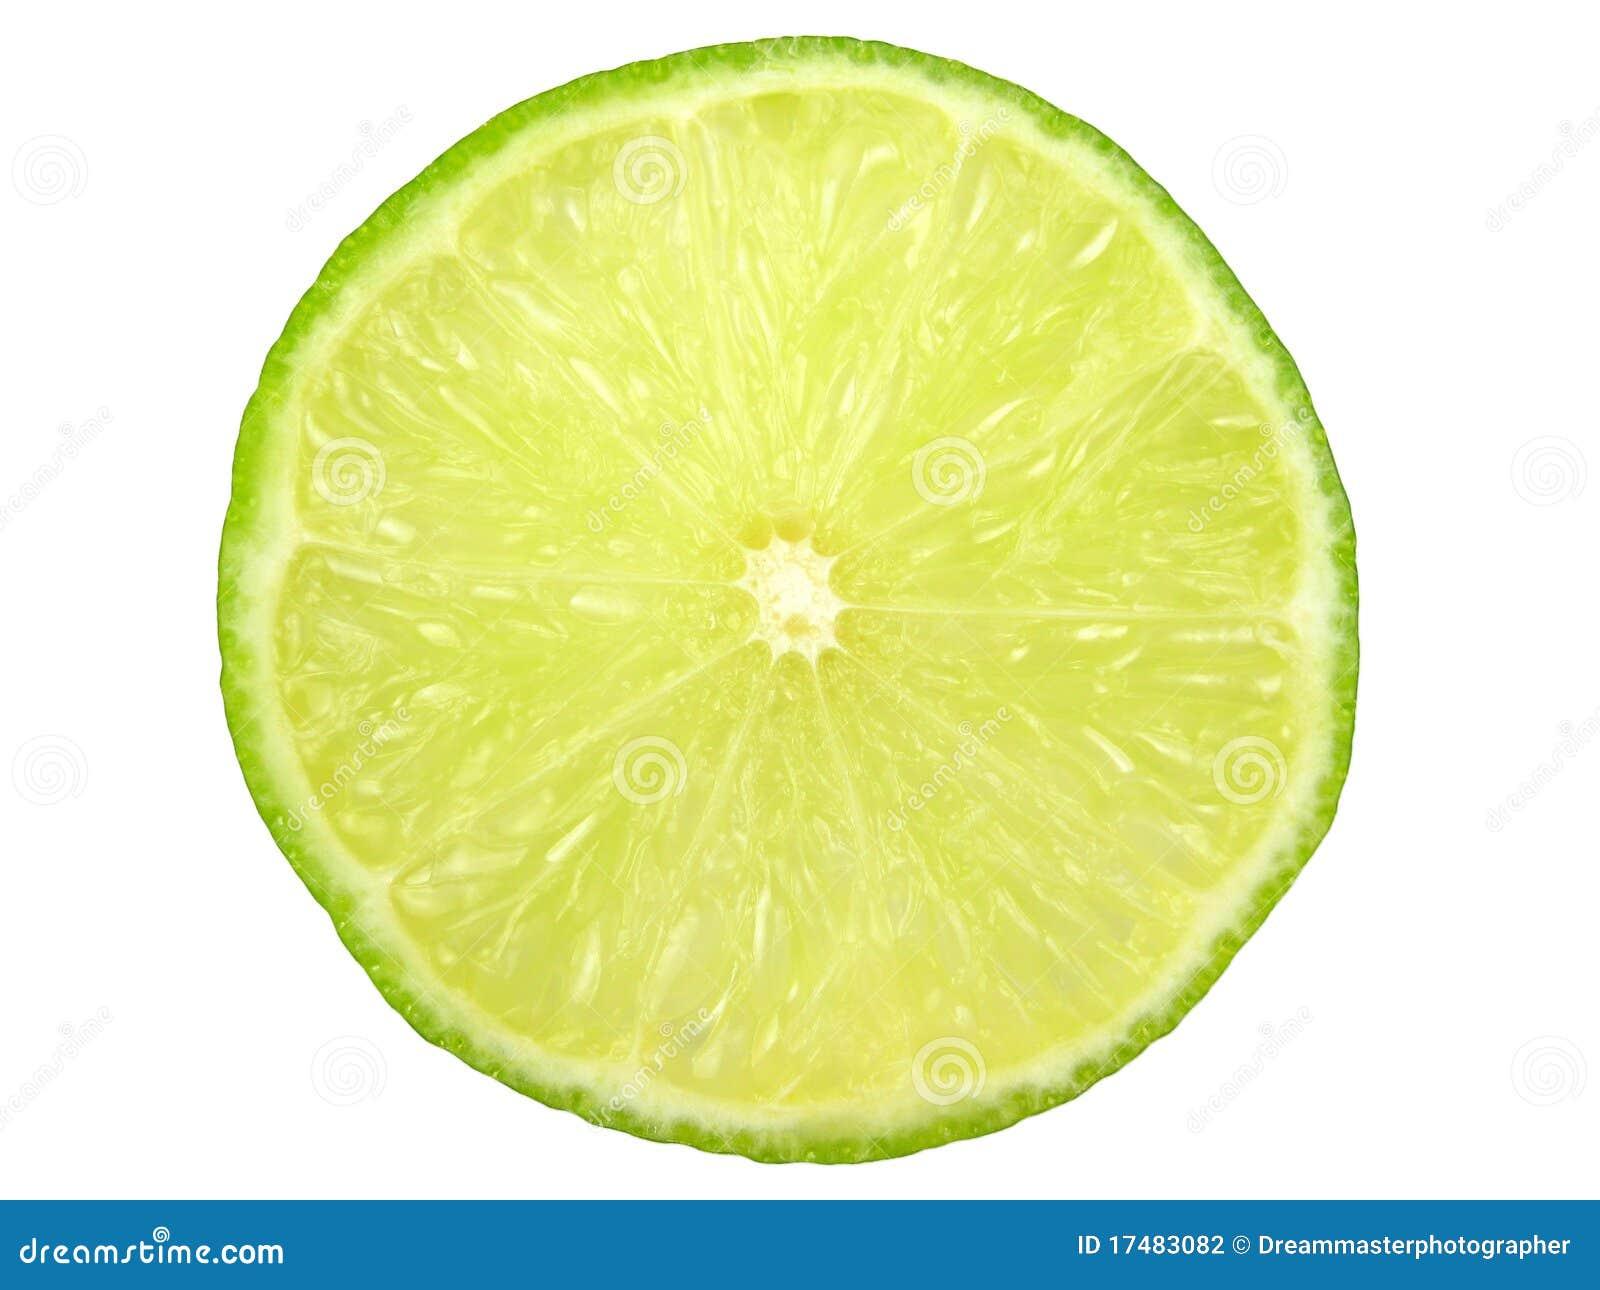 Green lemon slice